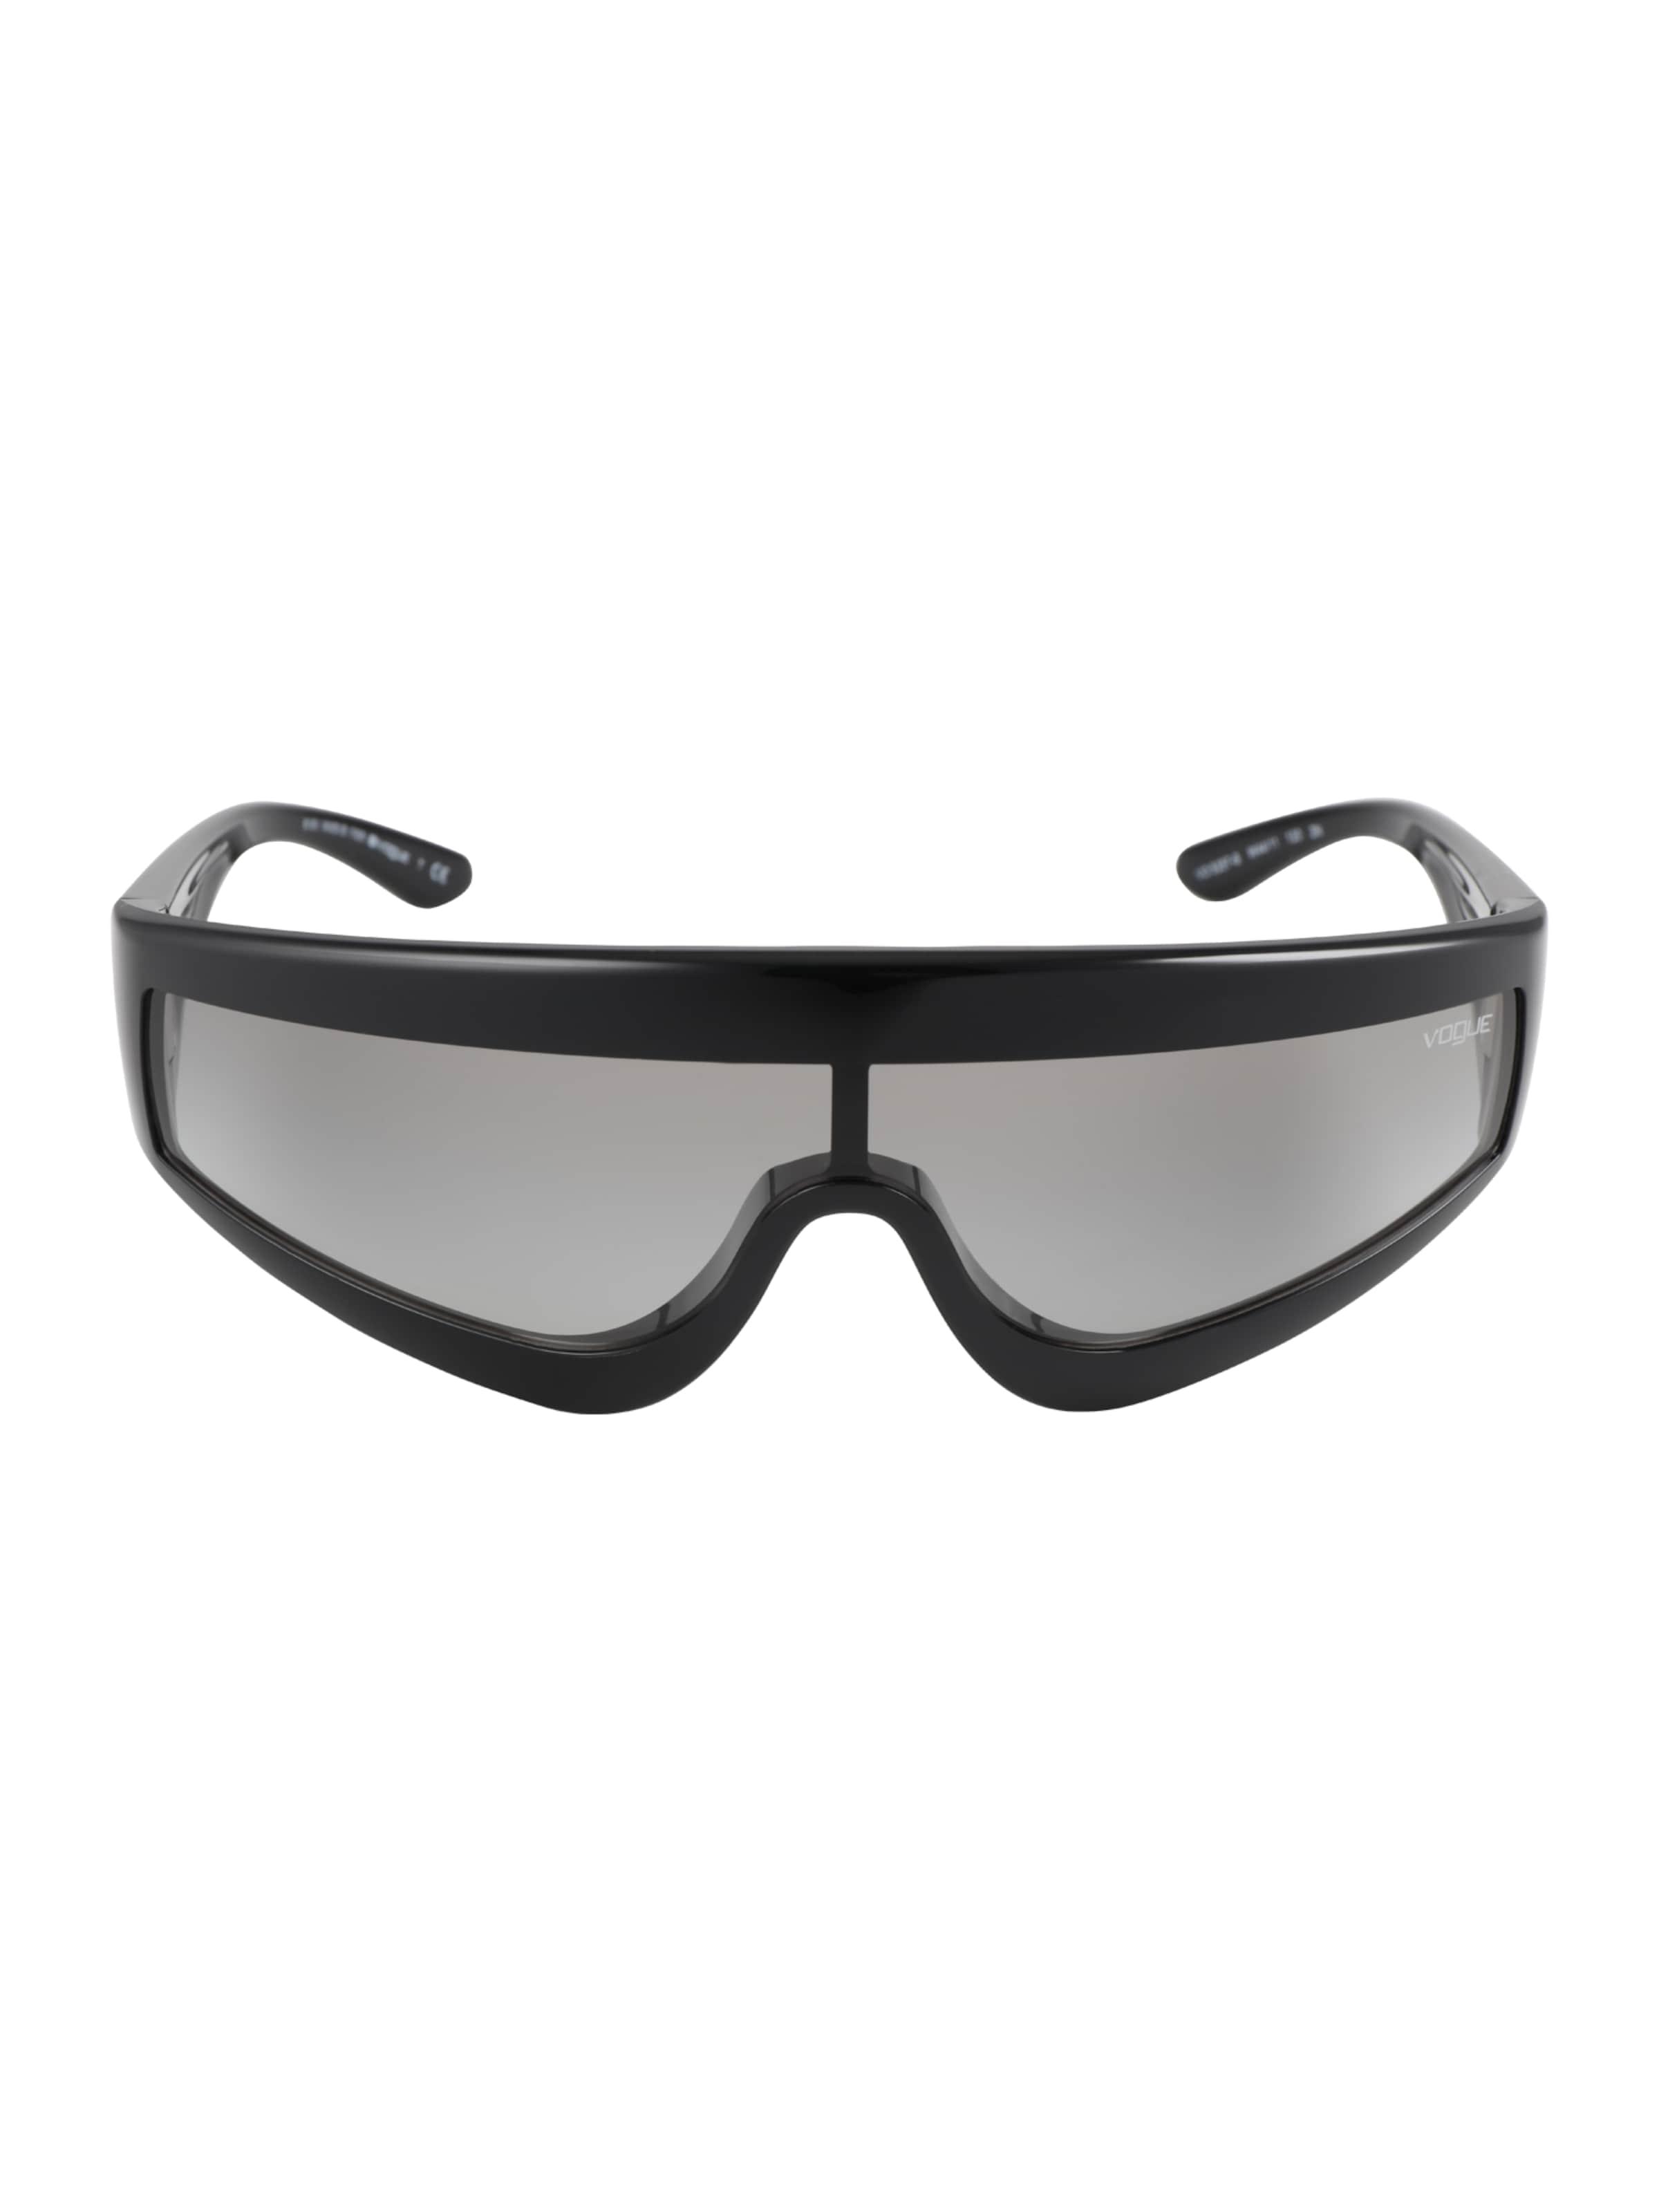 Eyewear in' 'zoom Vogue Soleil En Lunettes De Noir gyvb76Yf